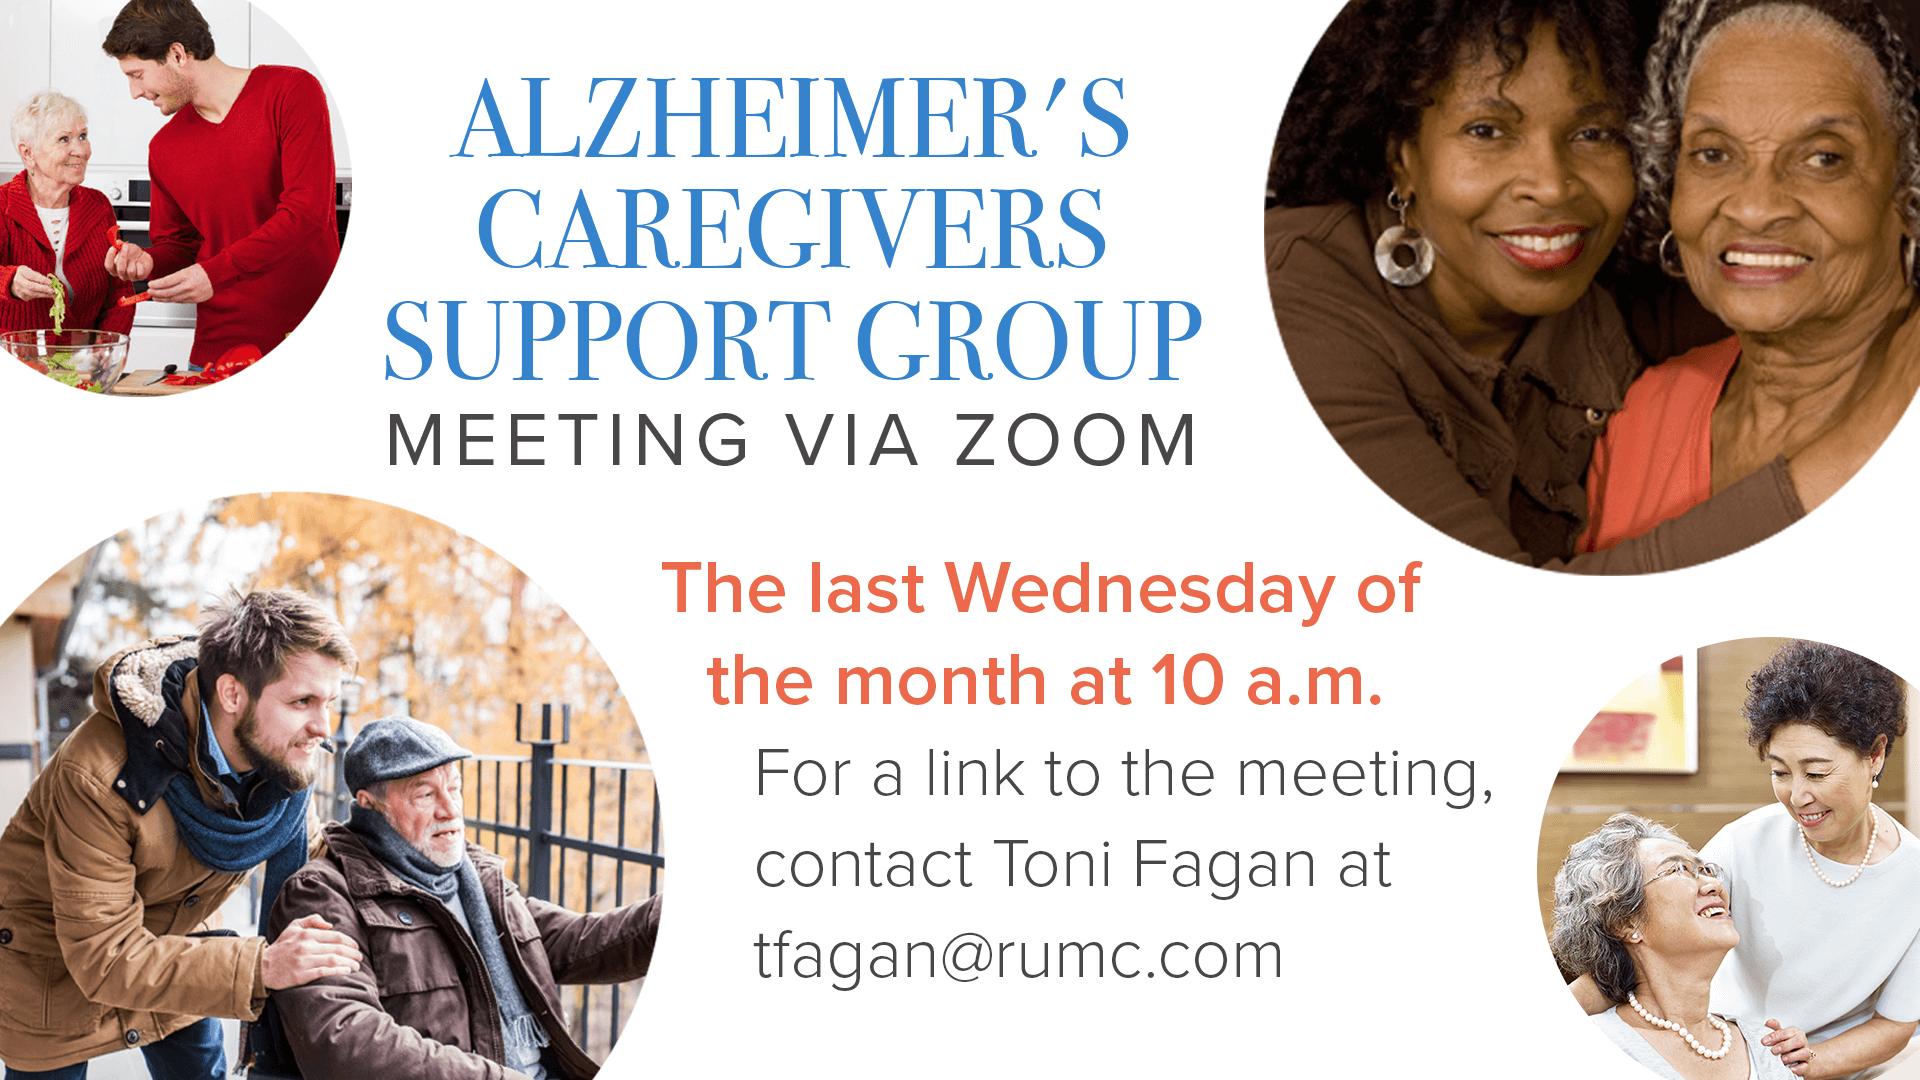 Alzheimer's Support 1920x1080 (1)